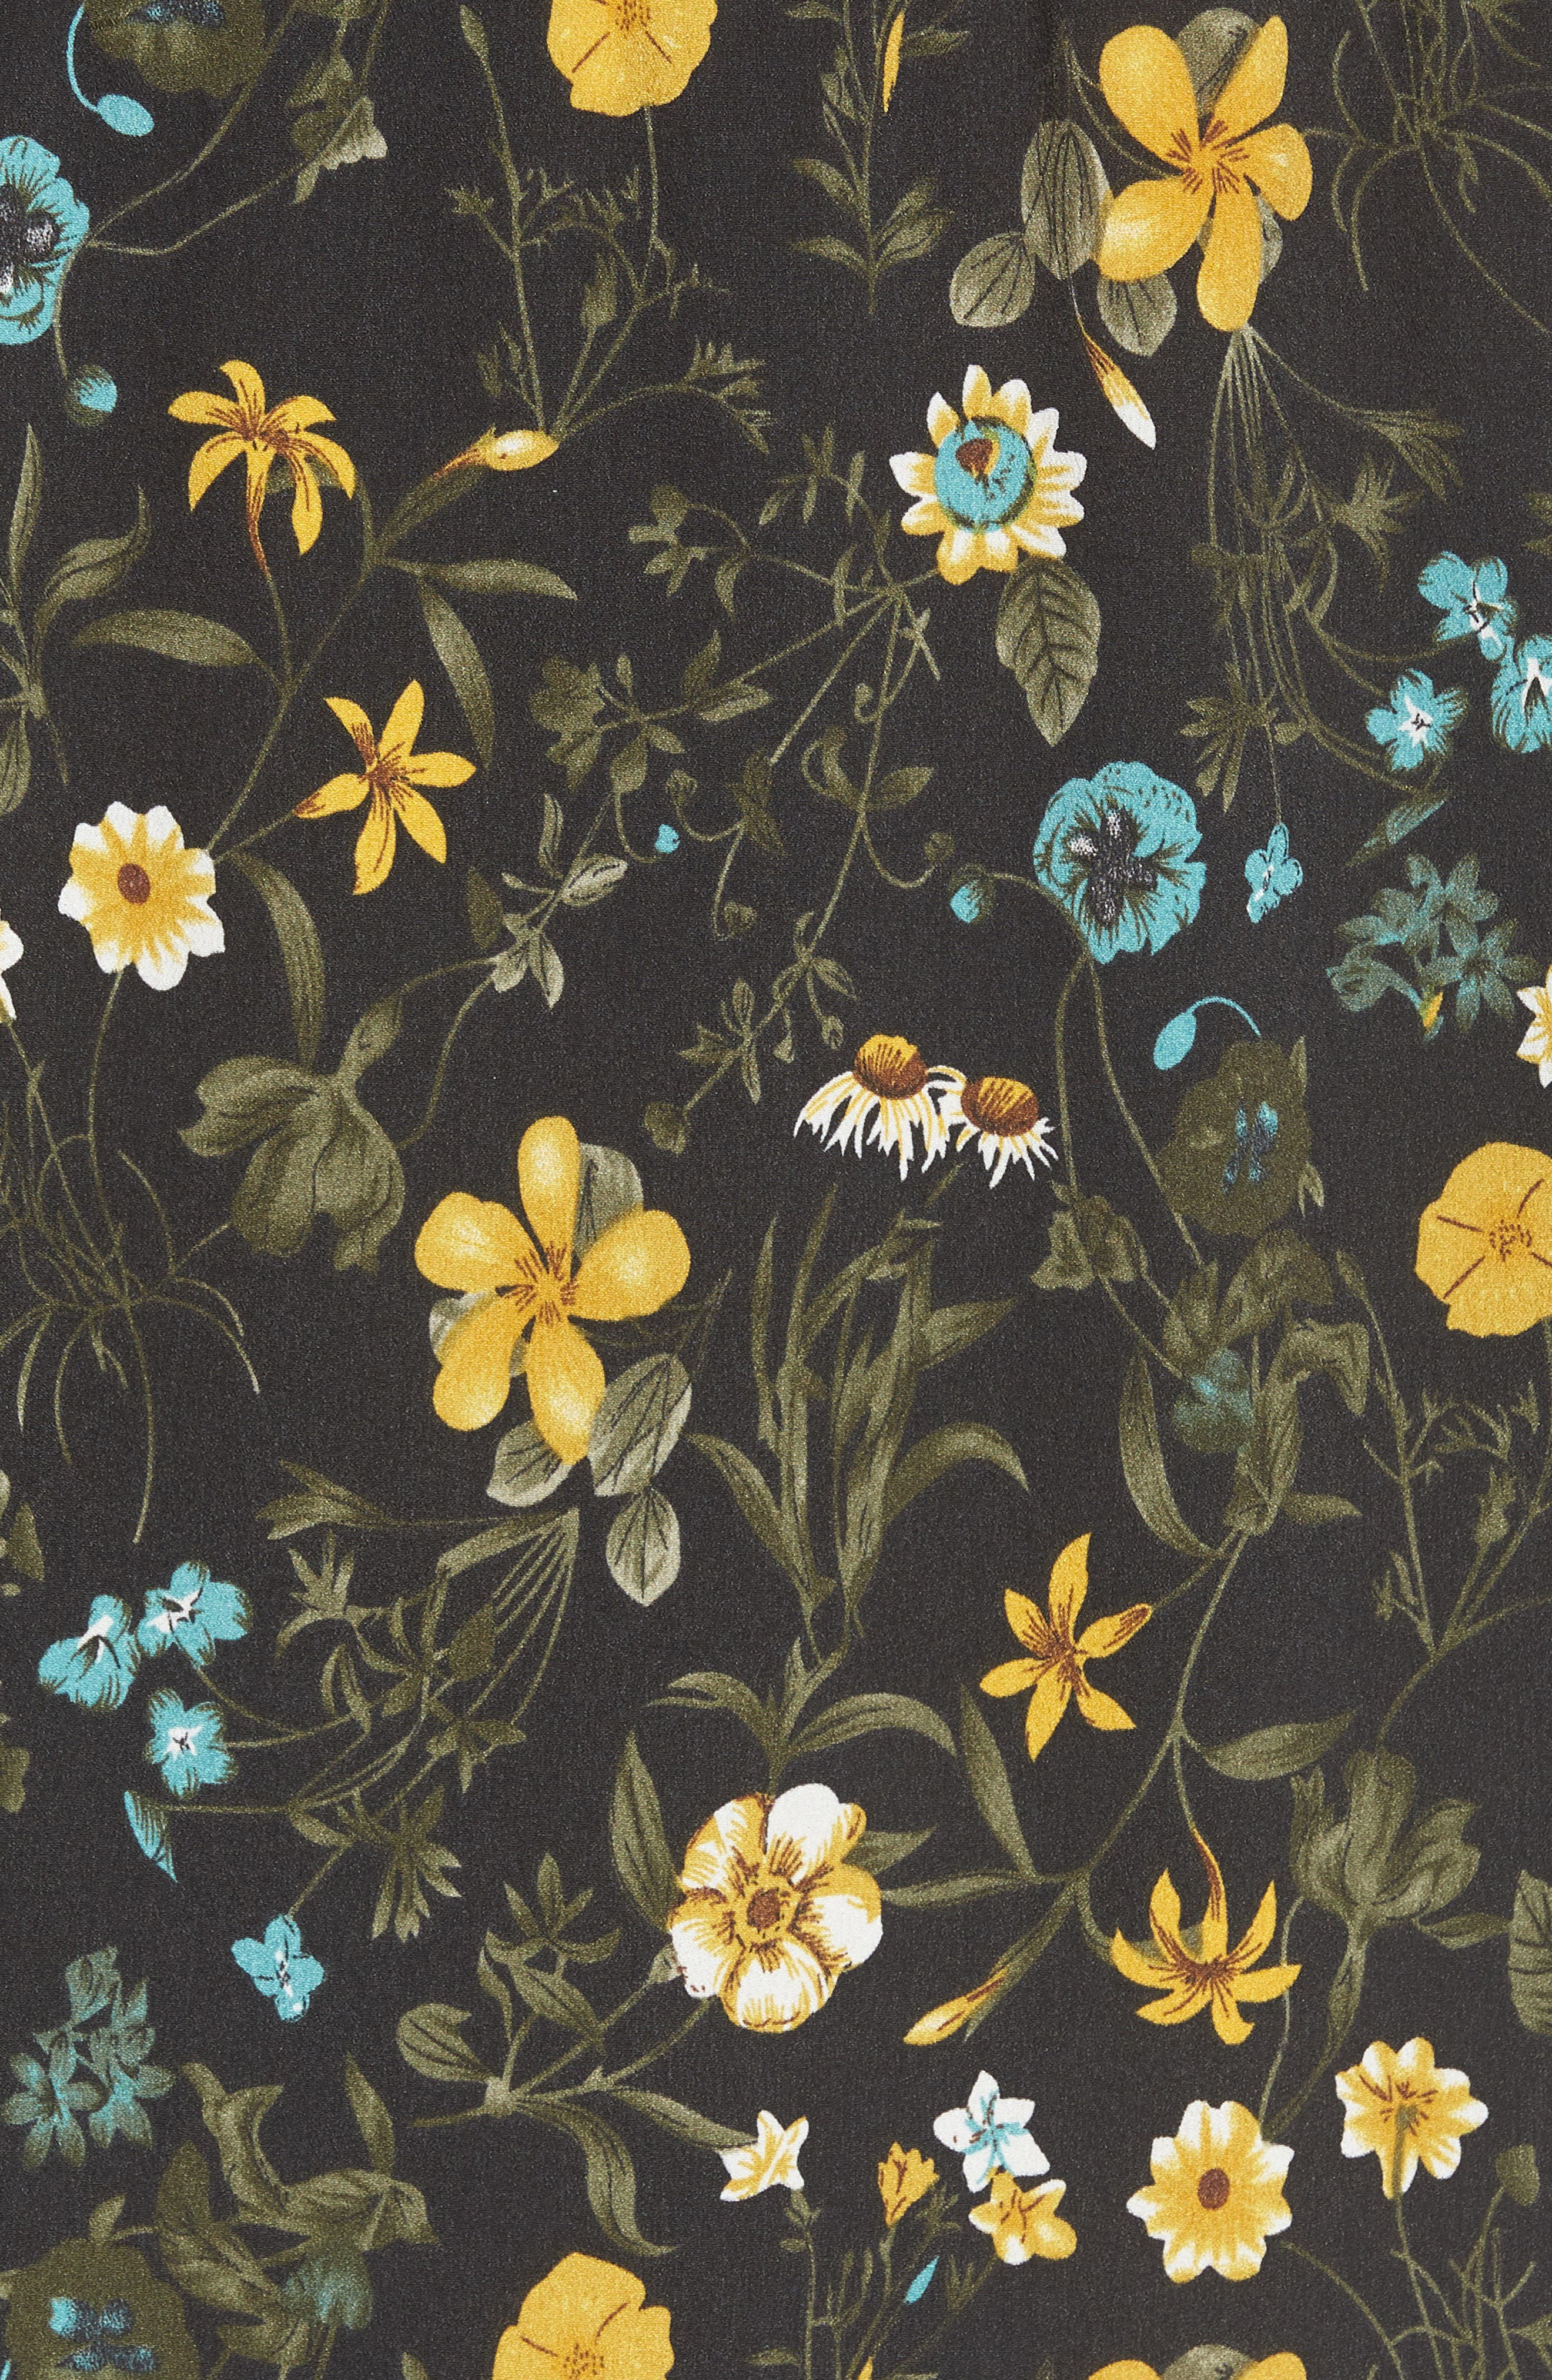 Off the Shoulder Tassel Top,                             Alternate thumbnail 6, color,                             Black Floral